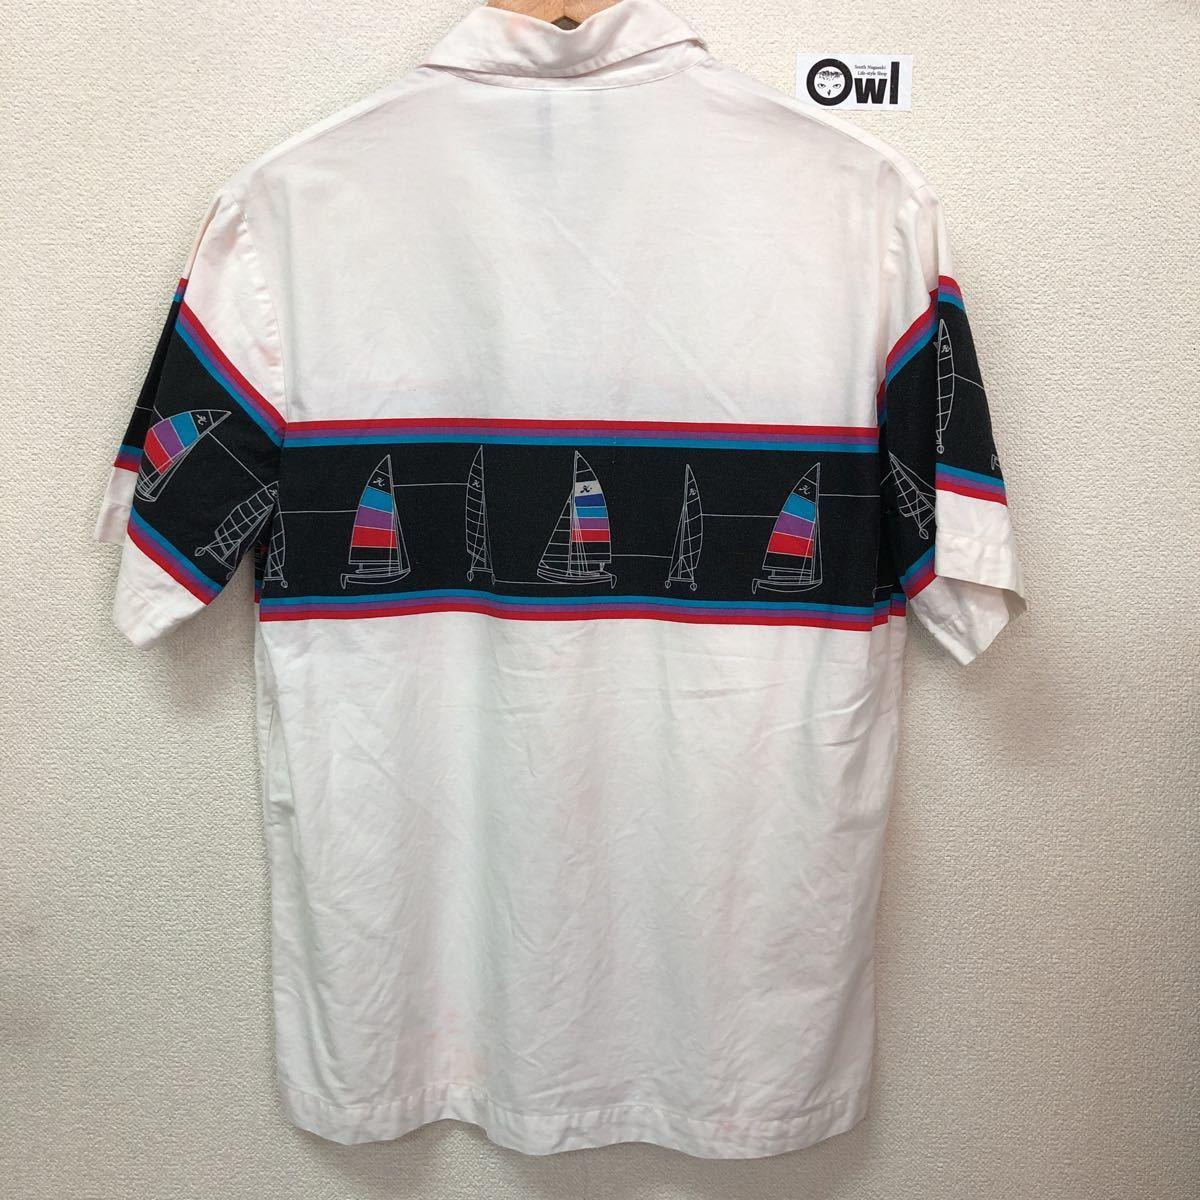 80sホビーコットンアロハシャツMサイズウィンドサーフィン半袖シャツ開襟オープンカラーボックスタイプオールドサーフハンテンビラボン_画像2